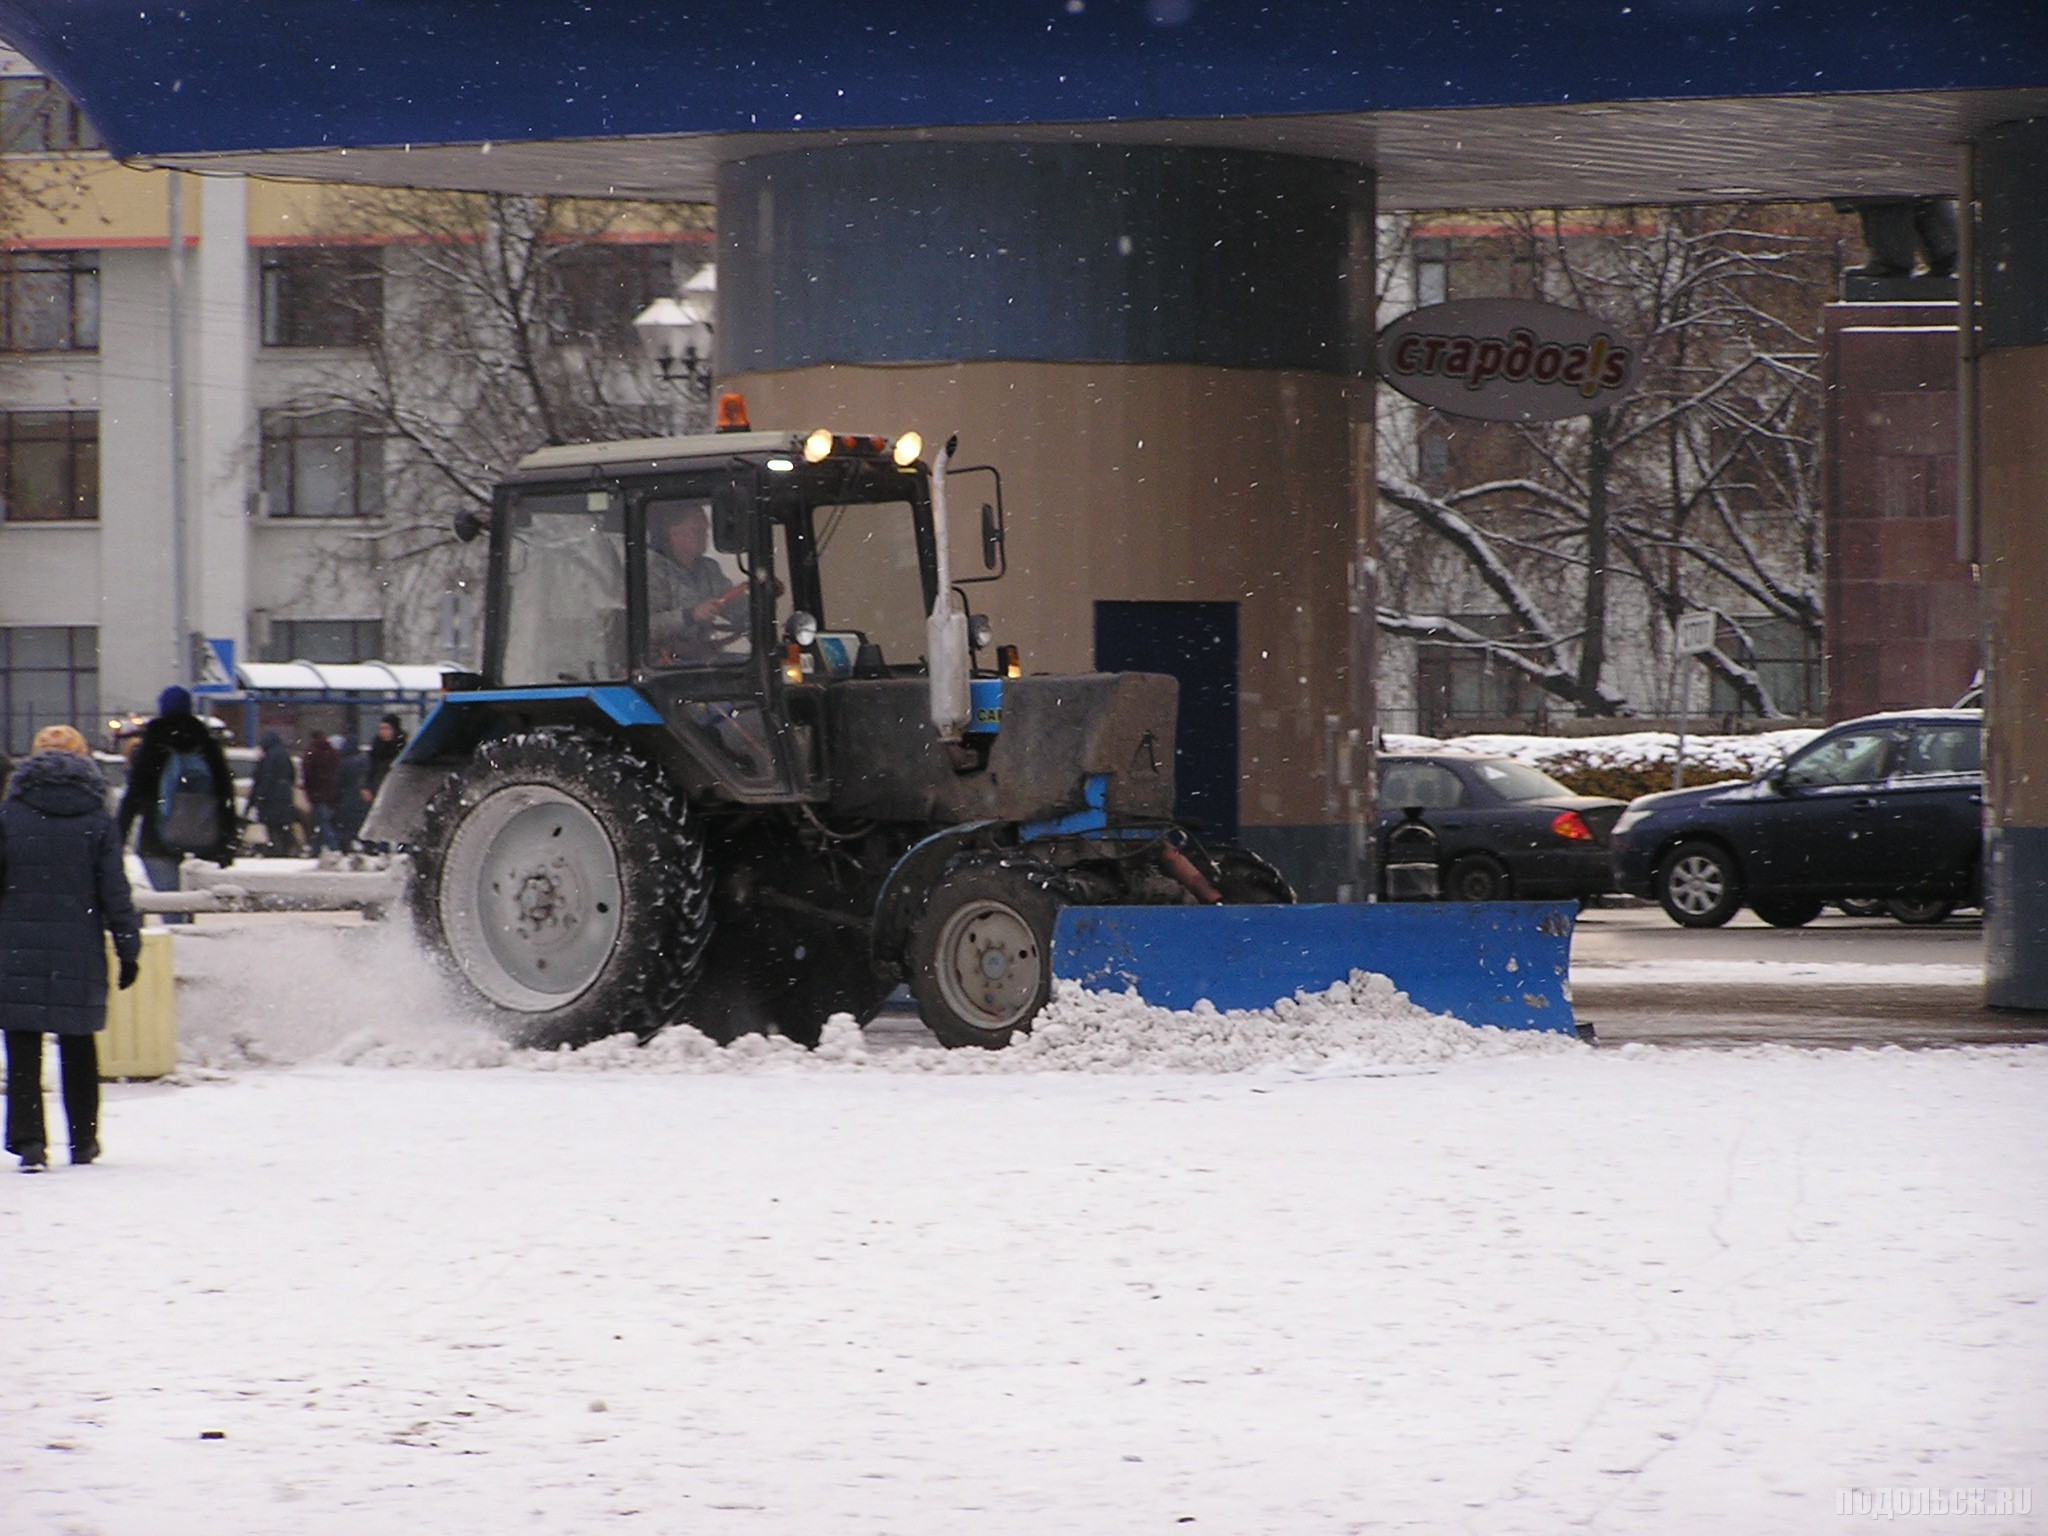 Уборка снега трактором. 31 октября 2016 г.